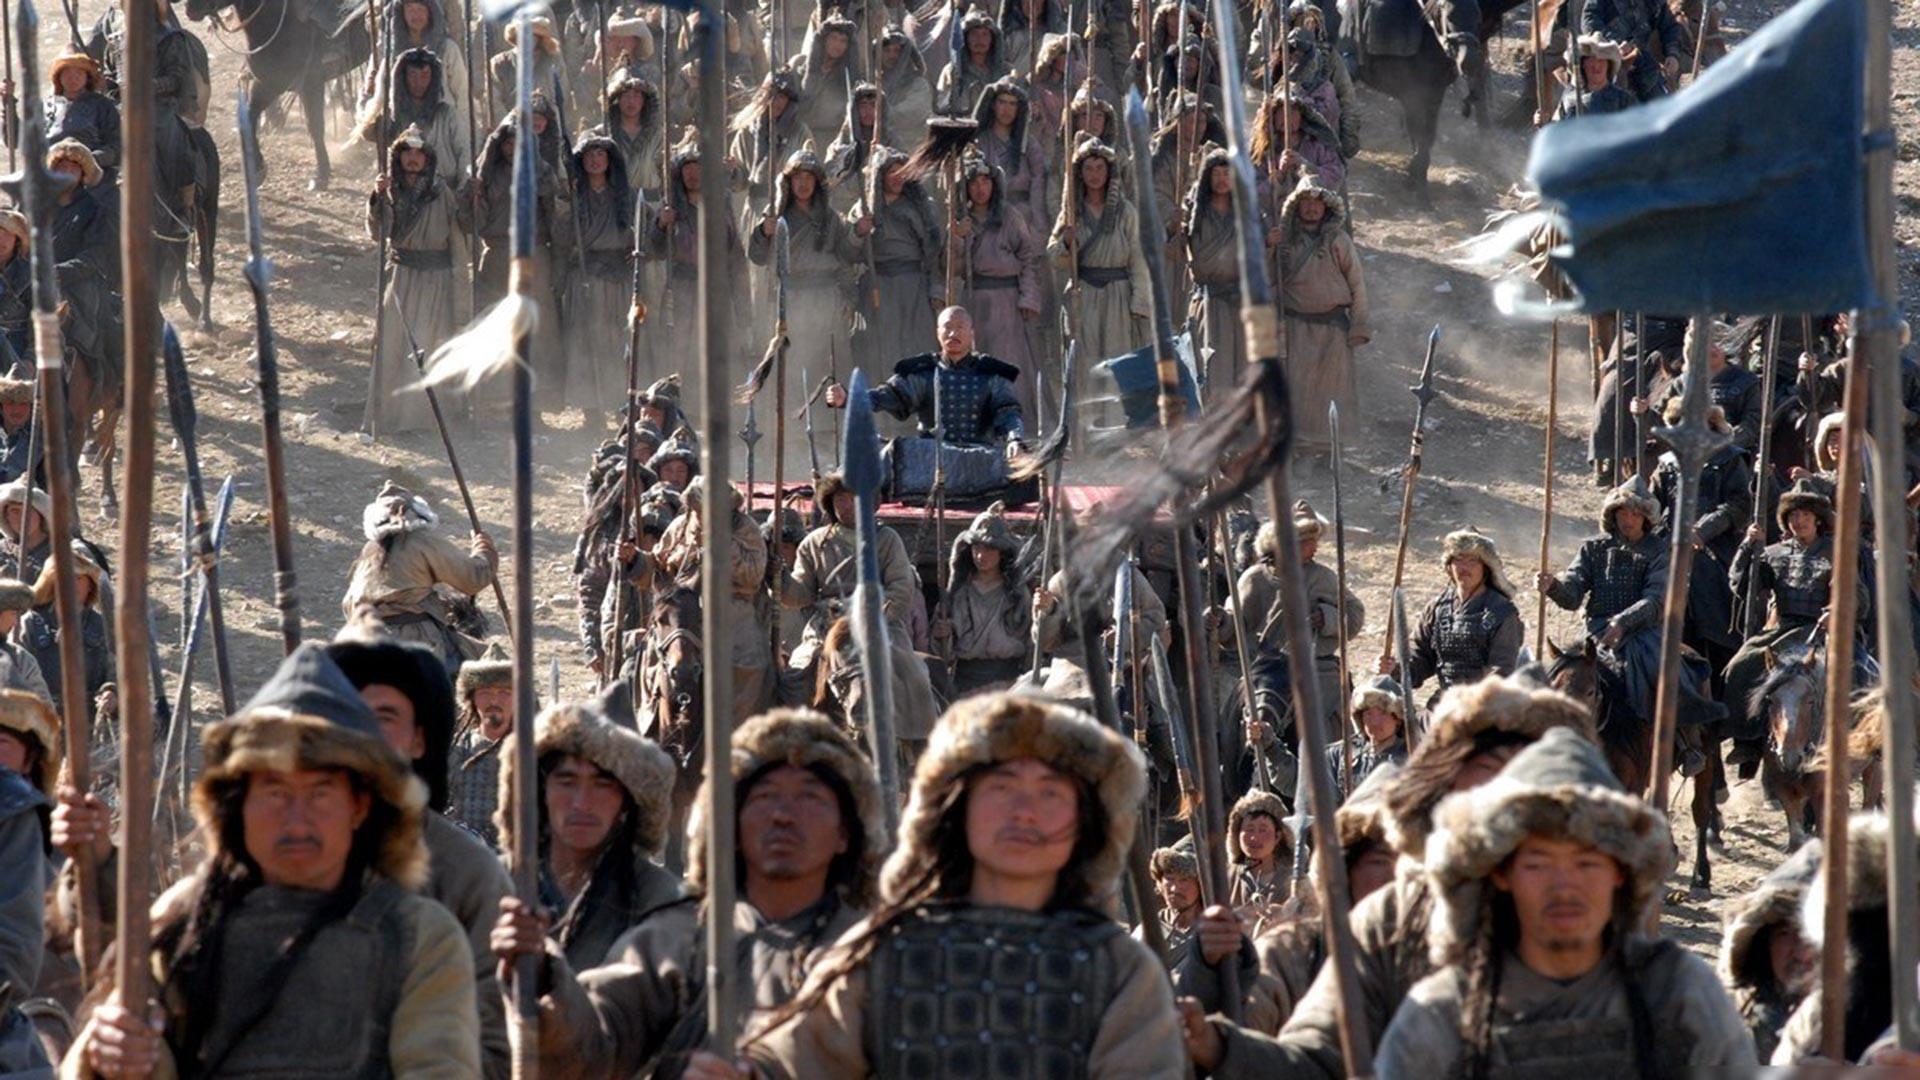 A Mongol war commander. A still from the